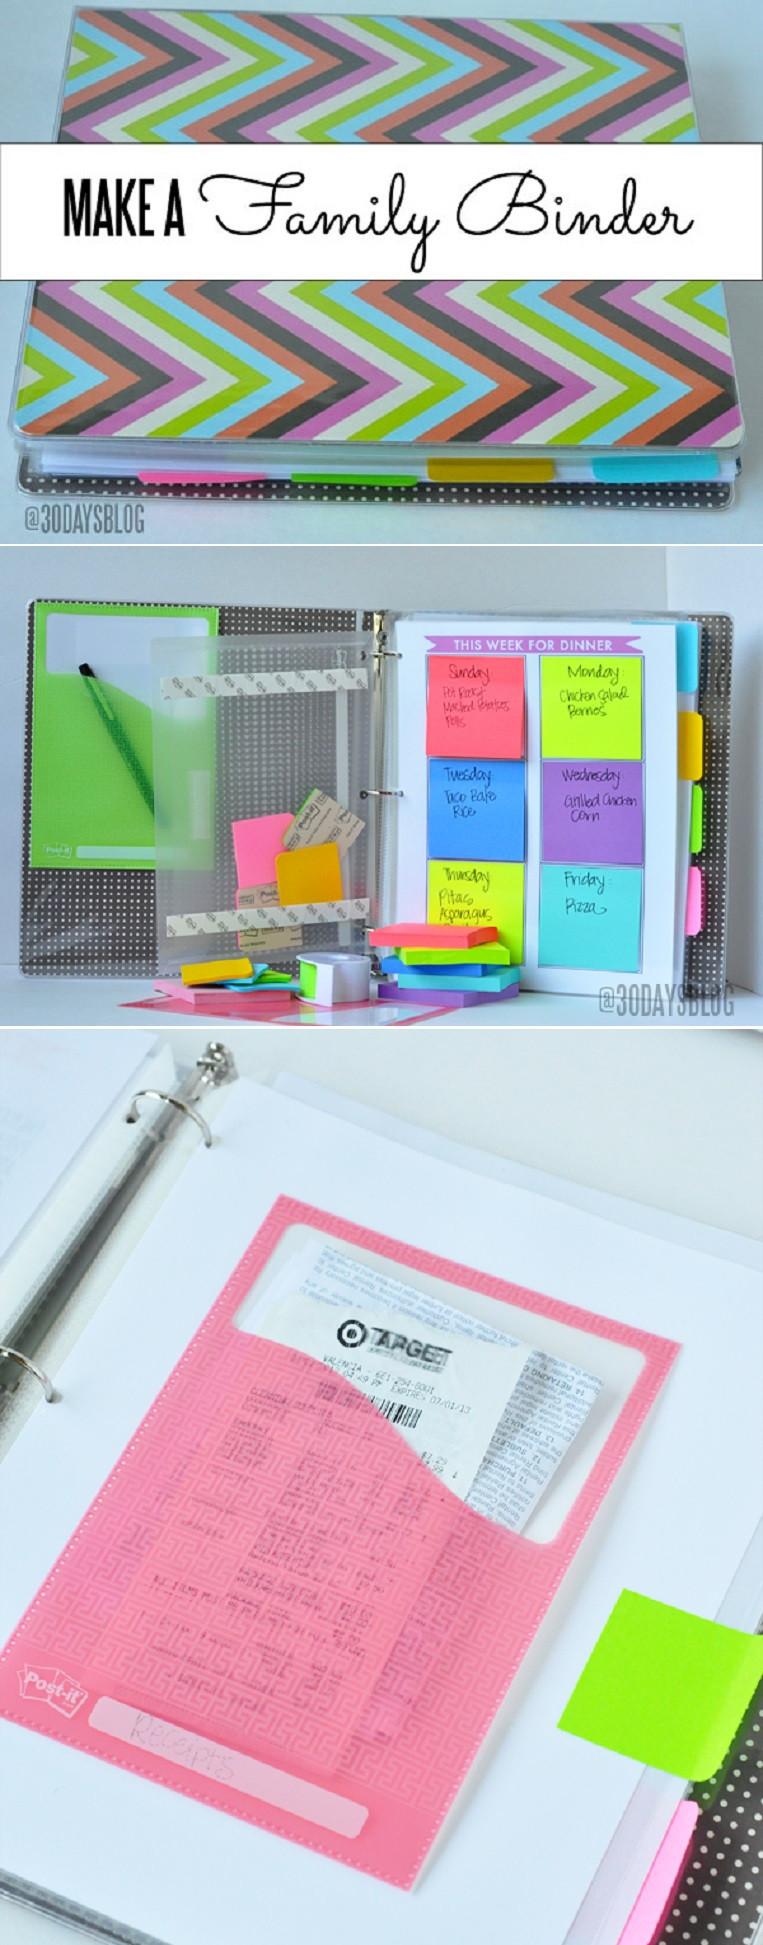 Best ideas about DIY Binder Organization . Save or Pin 12 DIY Binder Organization Projects Now.